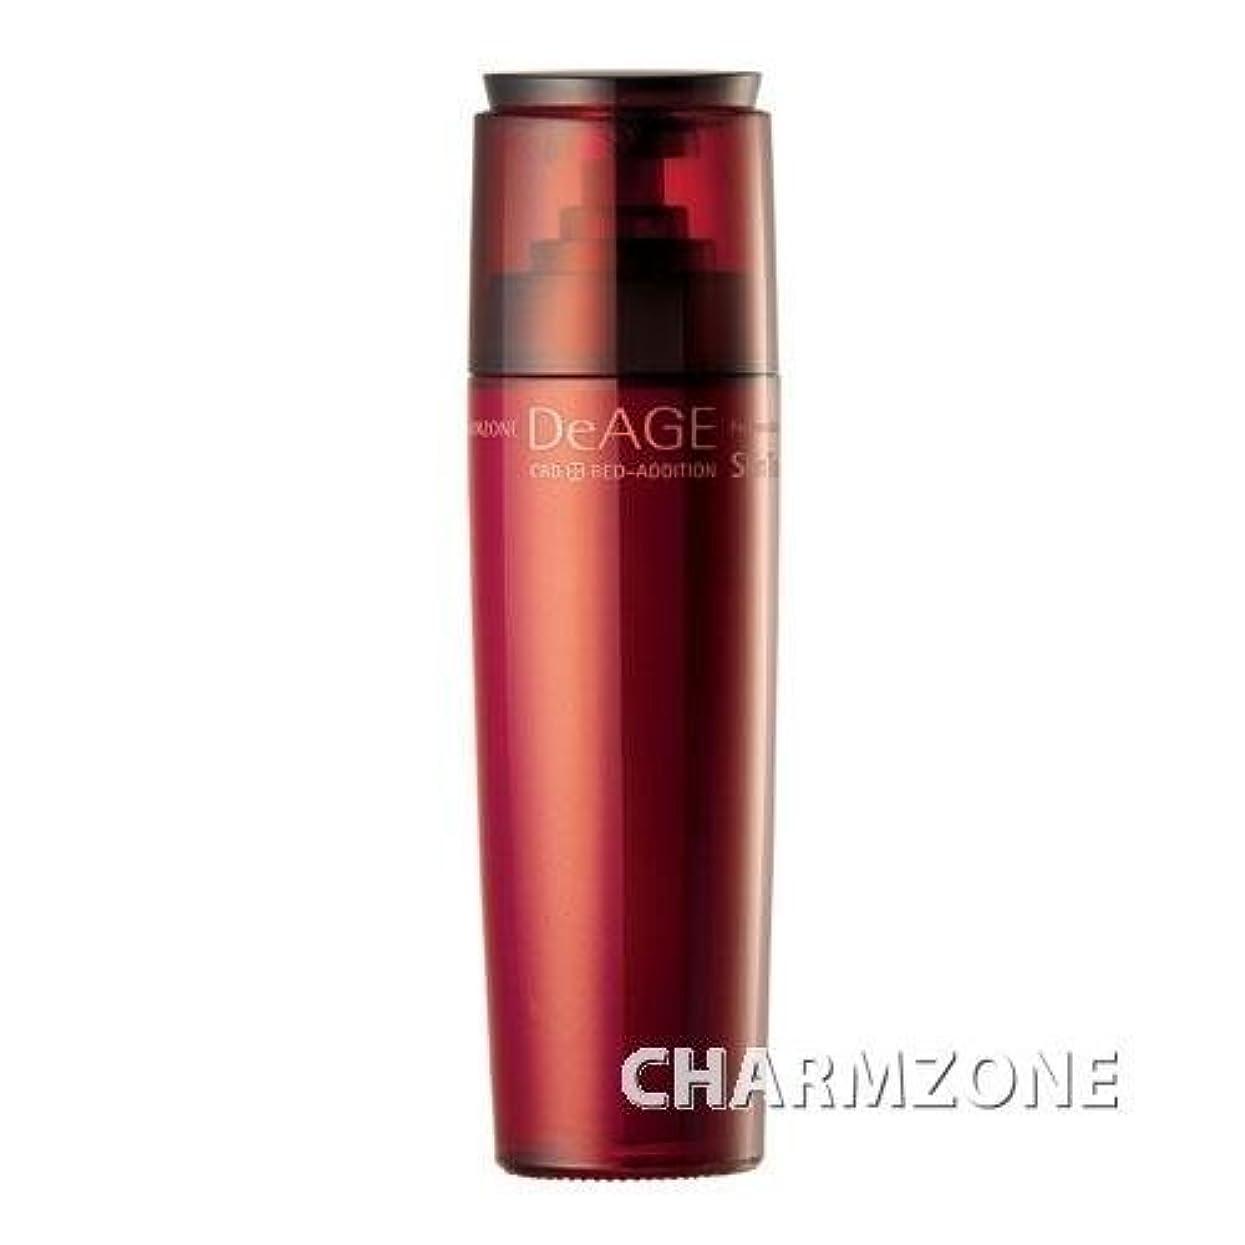 手荷物アルプスすり減るCHARMZONE DeAGE RED-ADDITION Skin Toner [Korean Import]